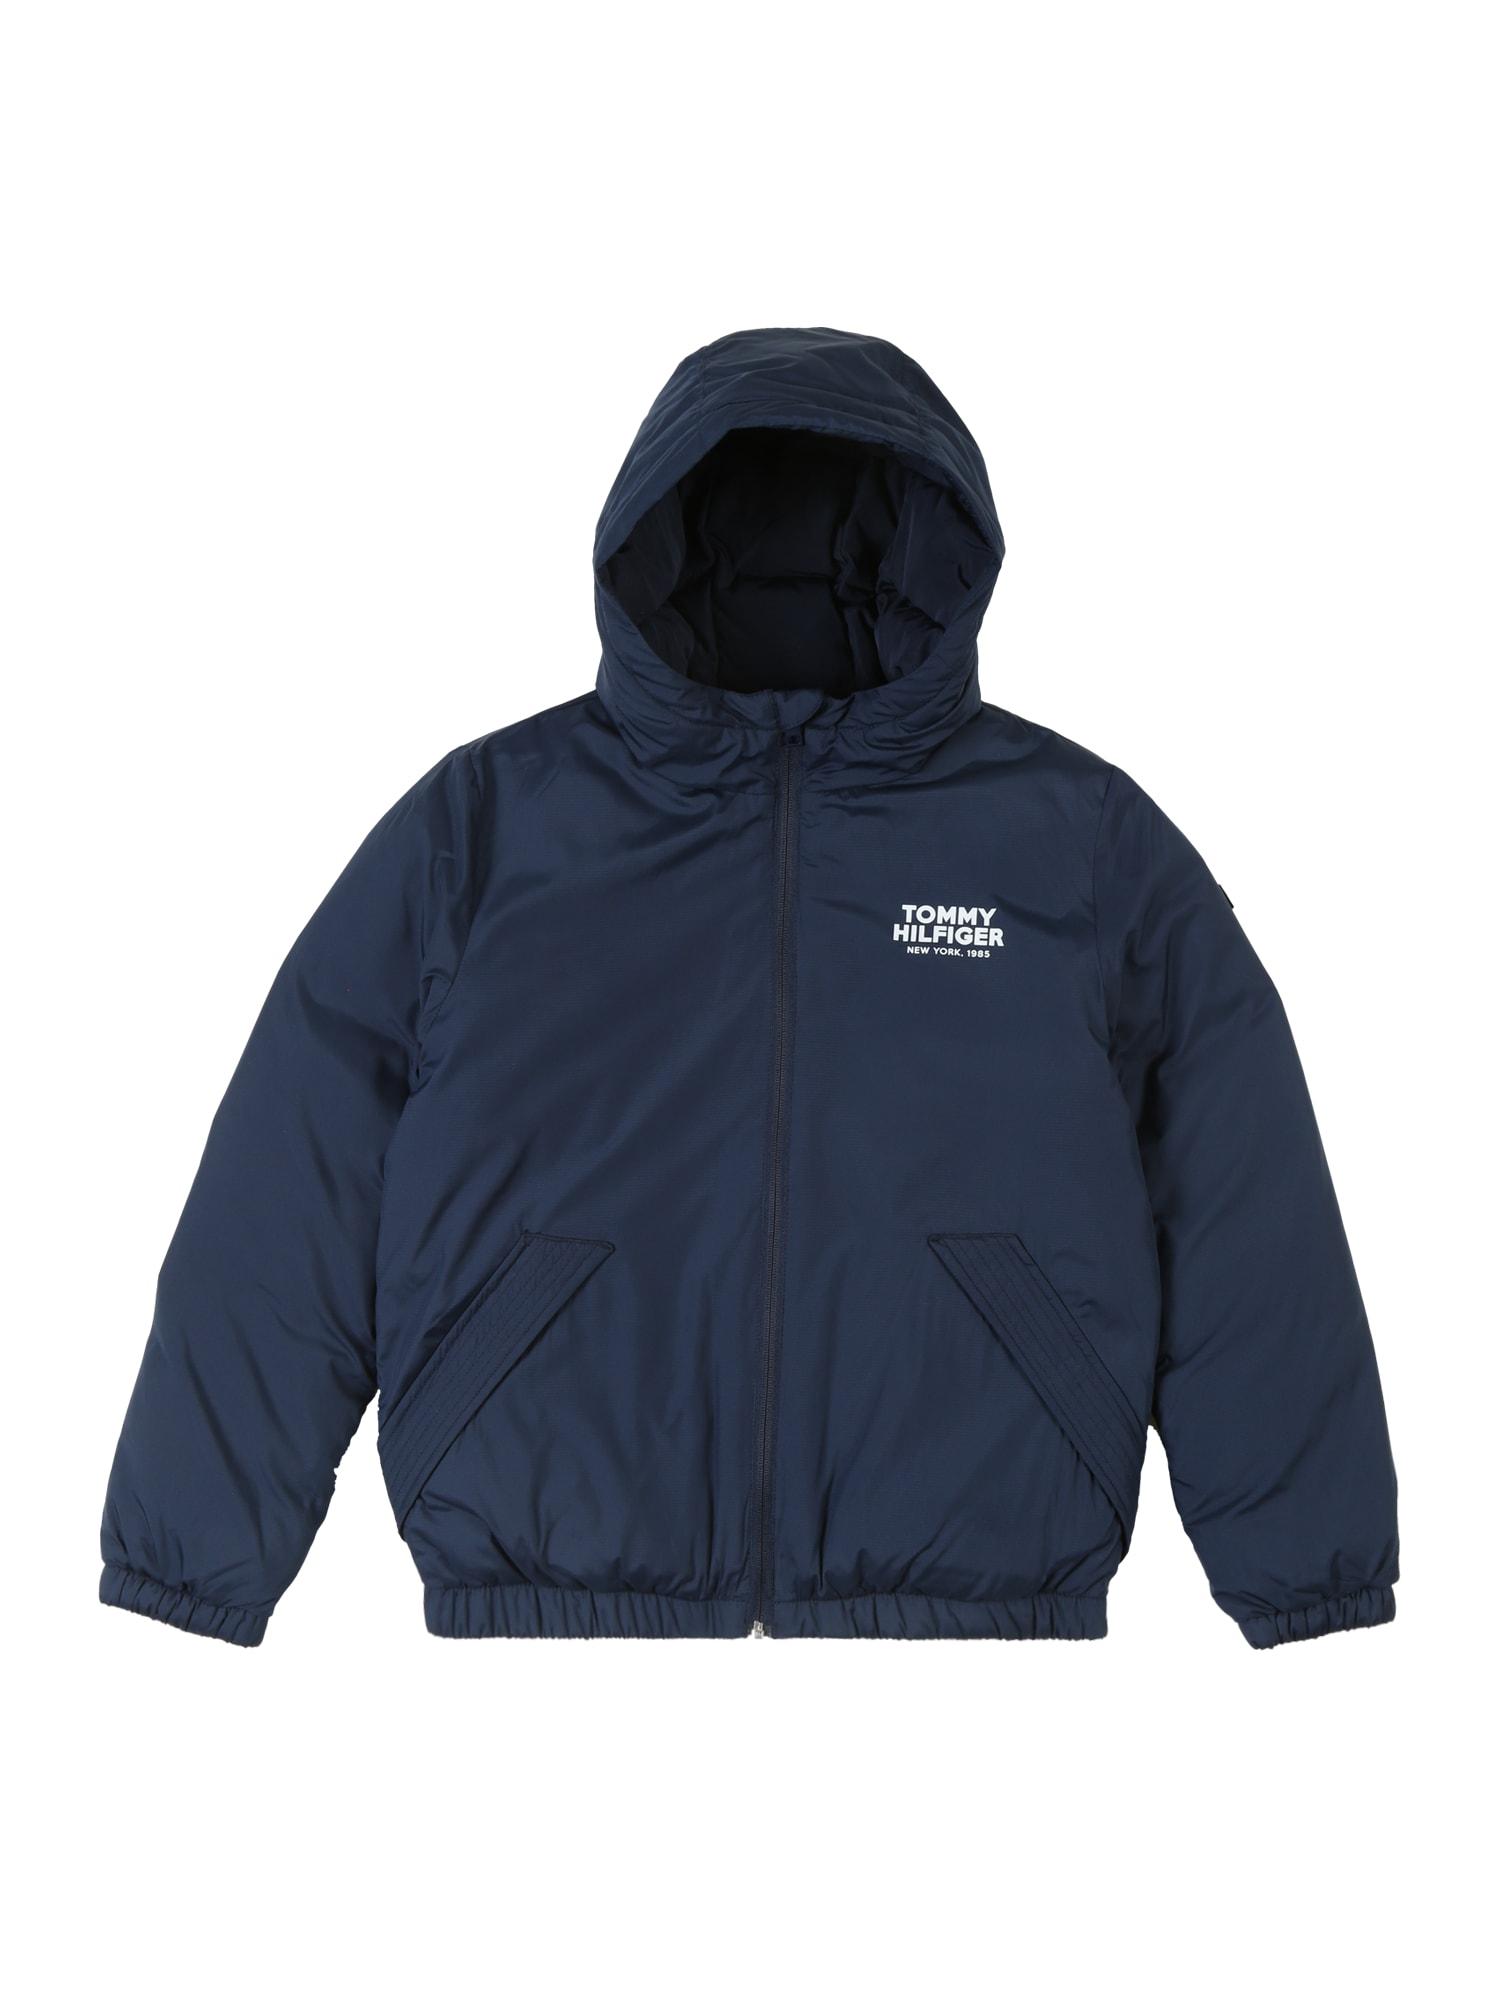 Přechodná bunda DG TJM tmavě modrá TOMMY HILFIGER